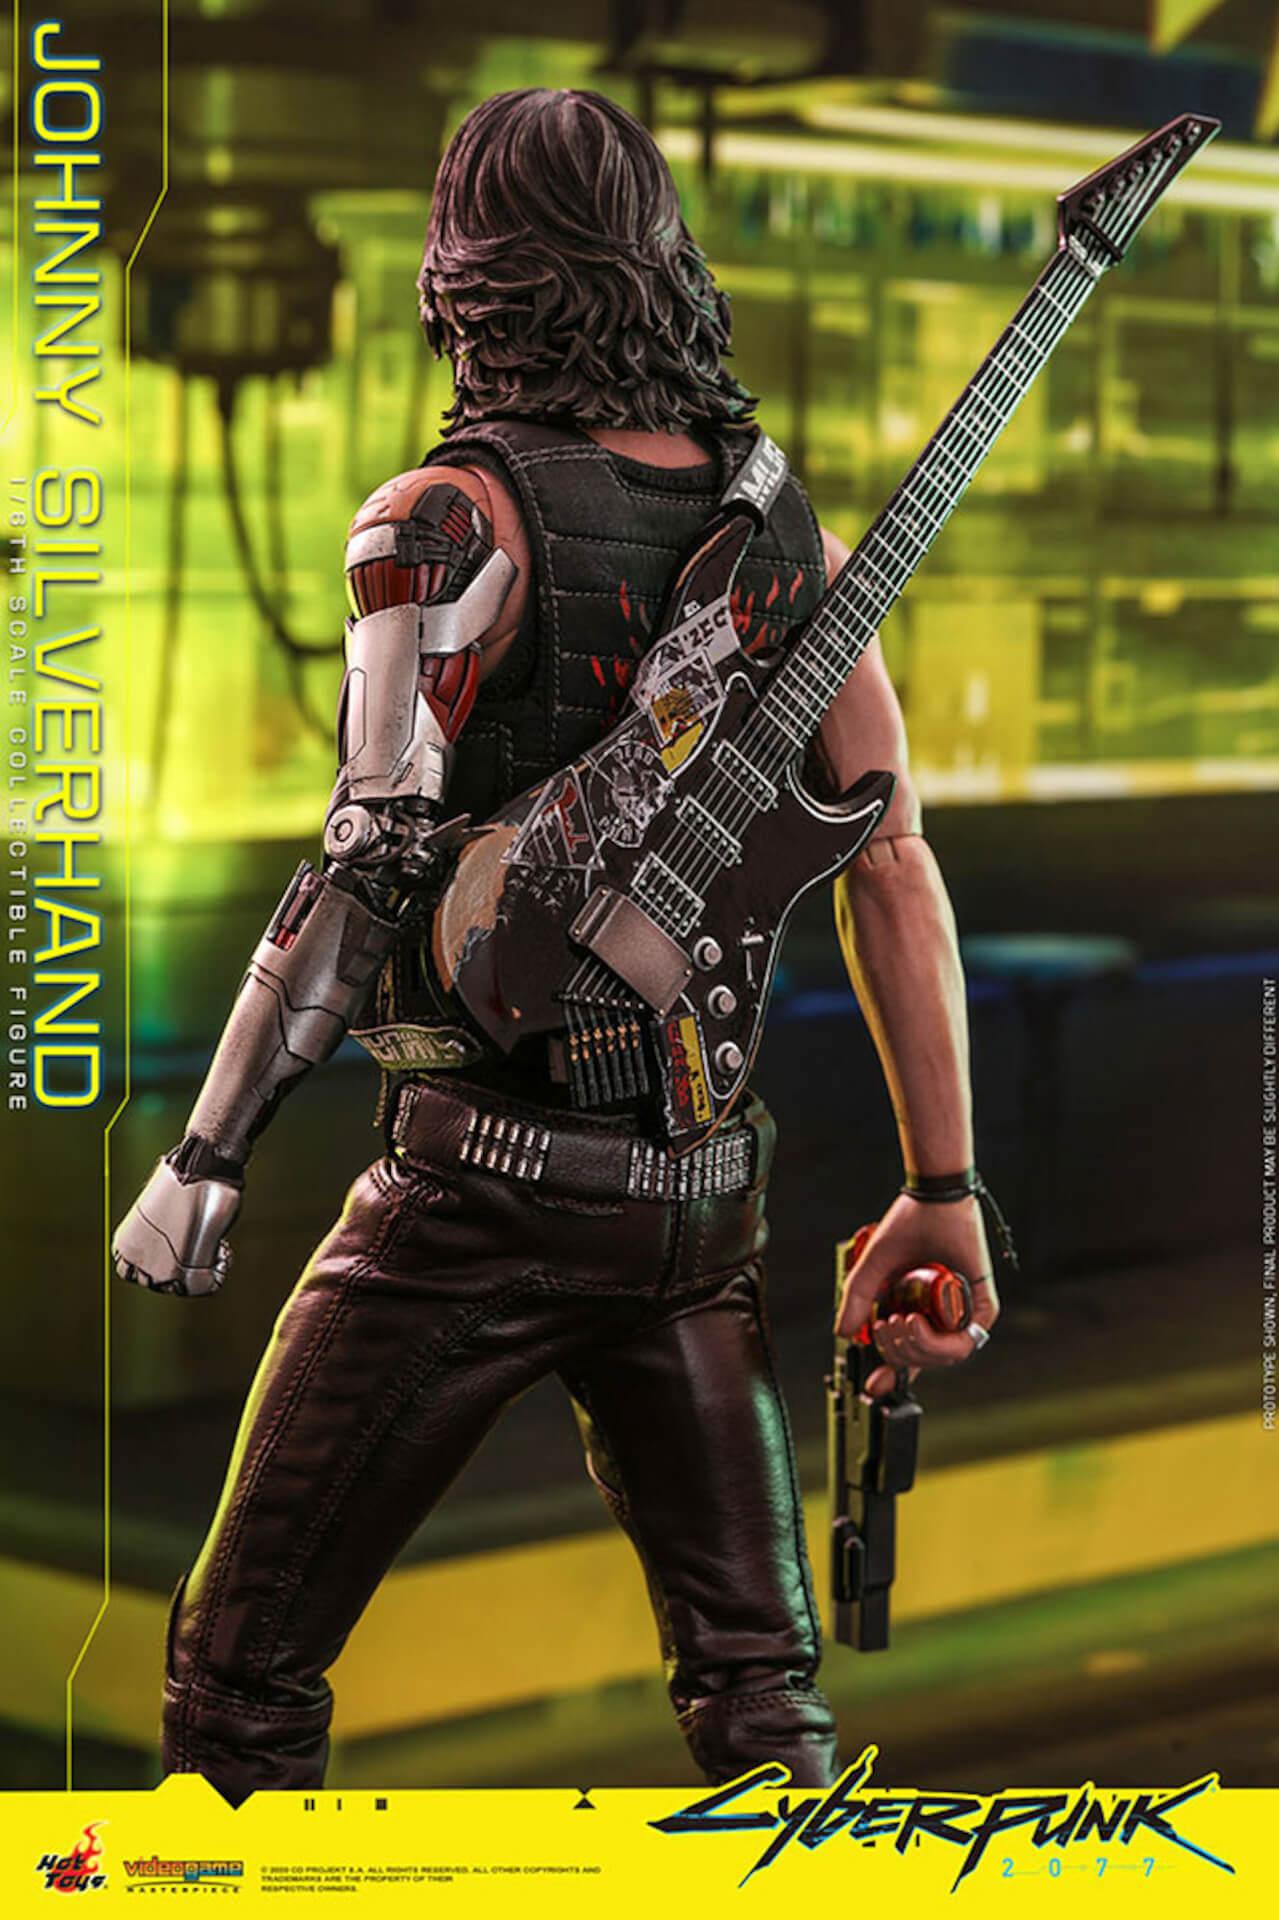 ホットトイズからキアヌ・リーブス演じる『サイバーパンク2077』のジョニーが超精巧なフィギュアになって登場! art201223_cyberpunk2077_6